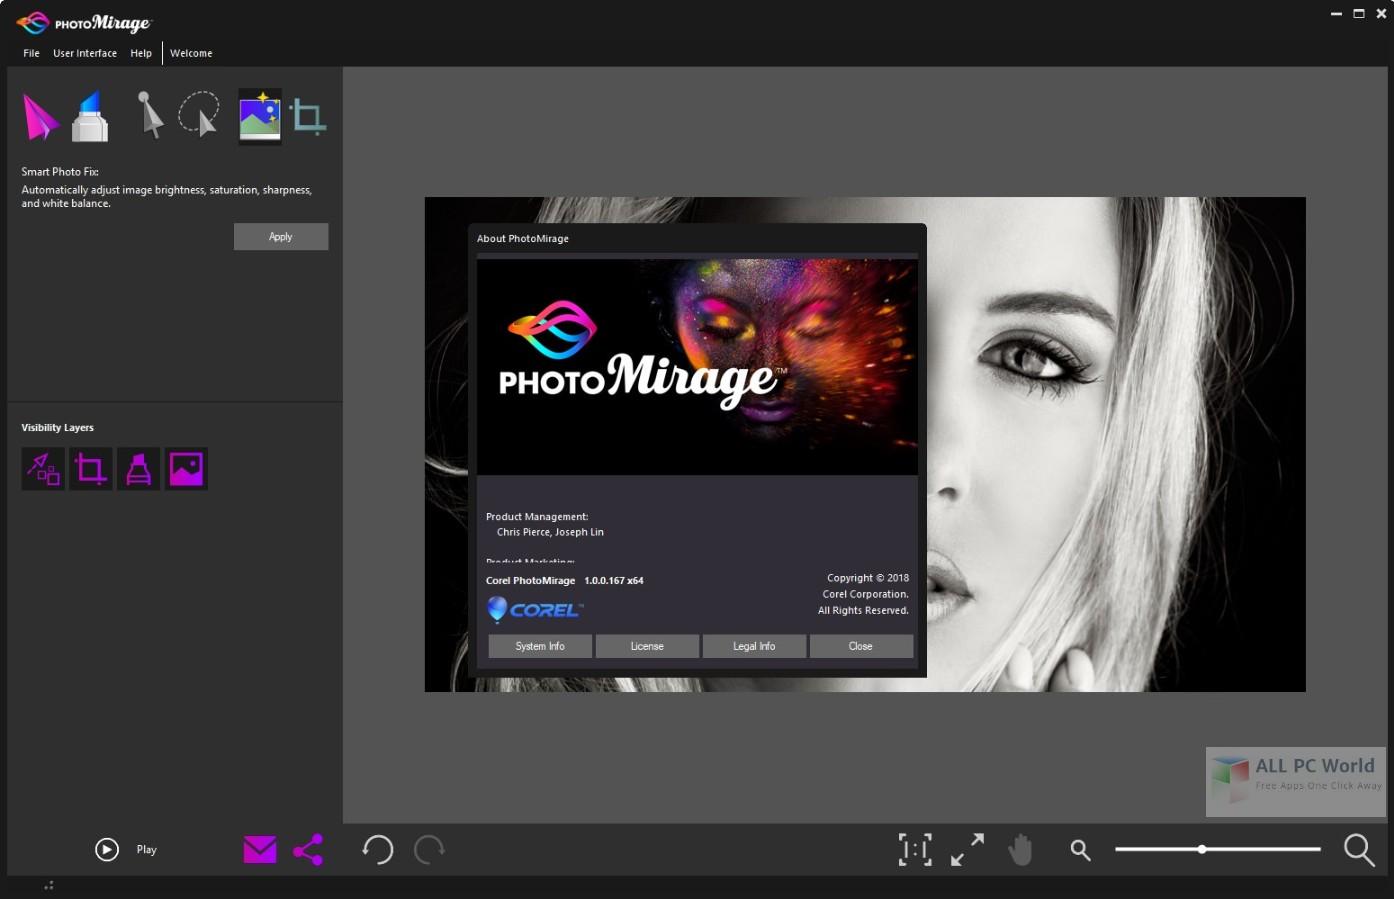 Corel PhotoMirage 1.0 Free Download